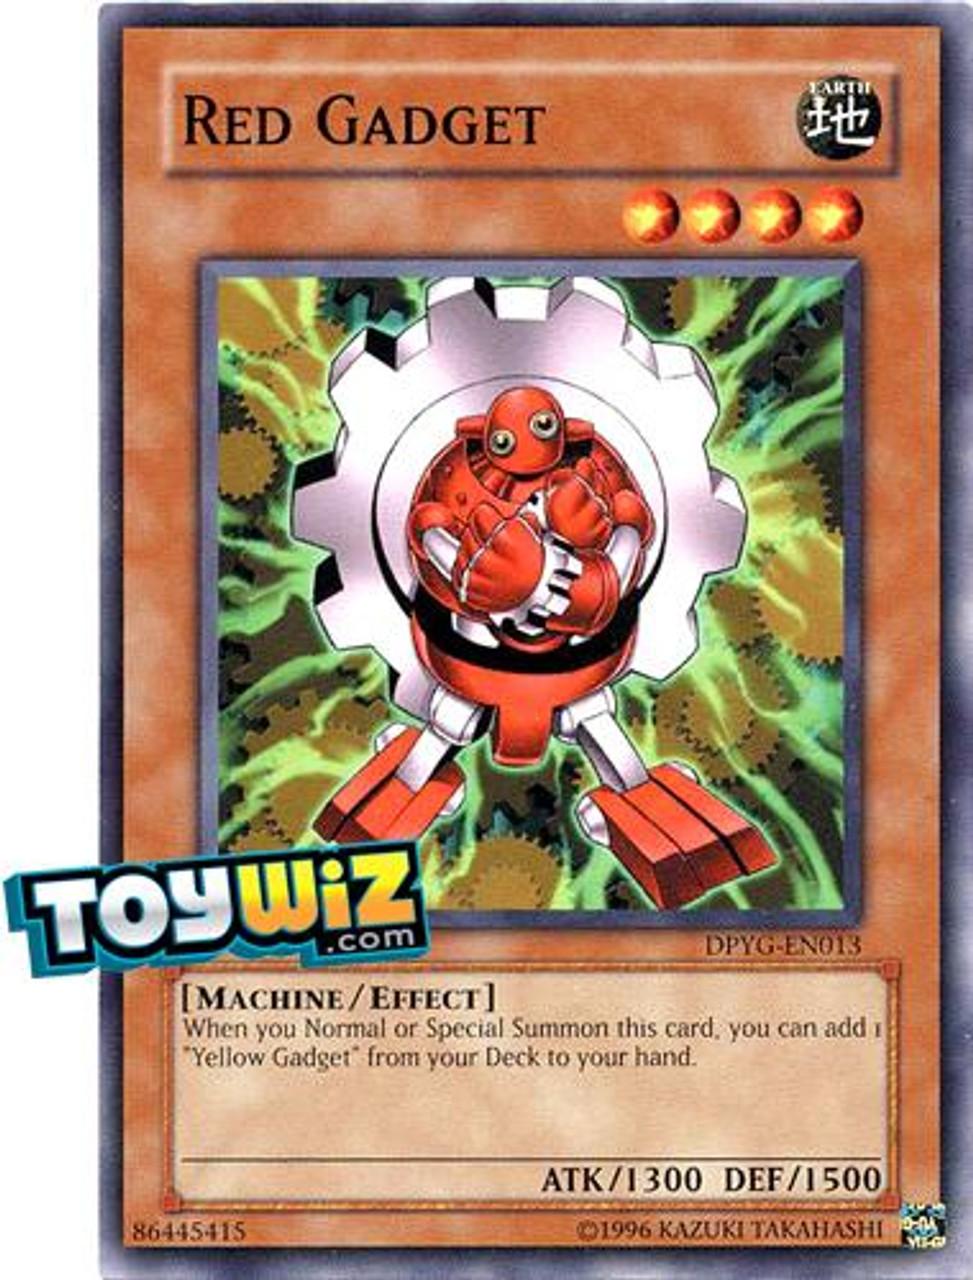 YuGiOh Duelist Pack Yugi Common Red Gadget DPYG-EN013